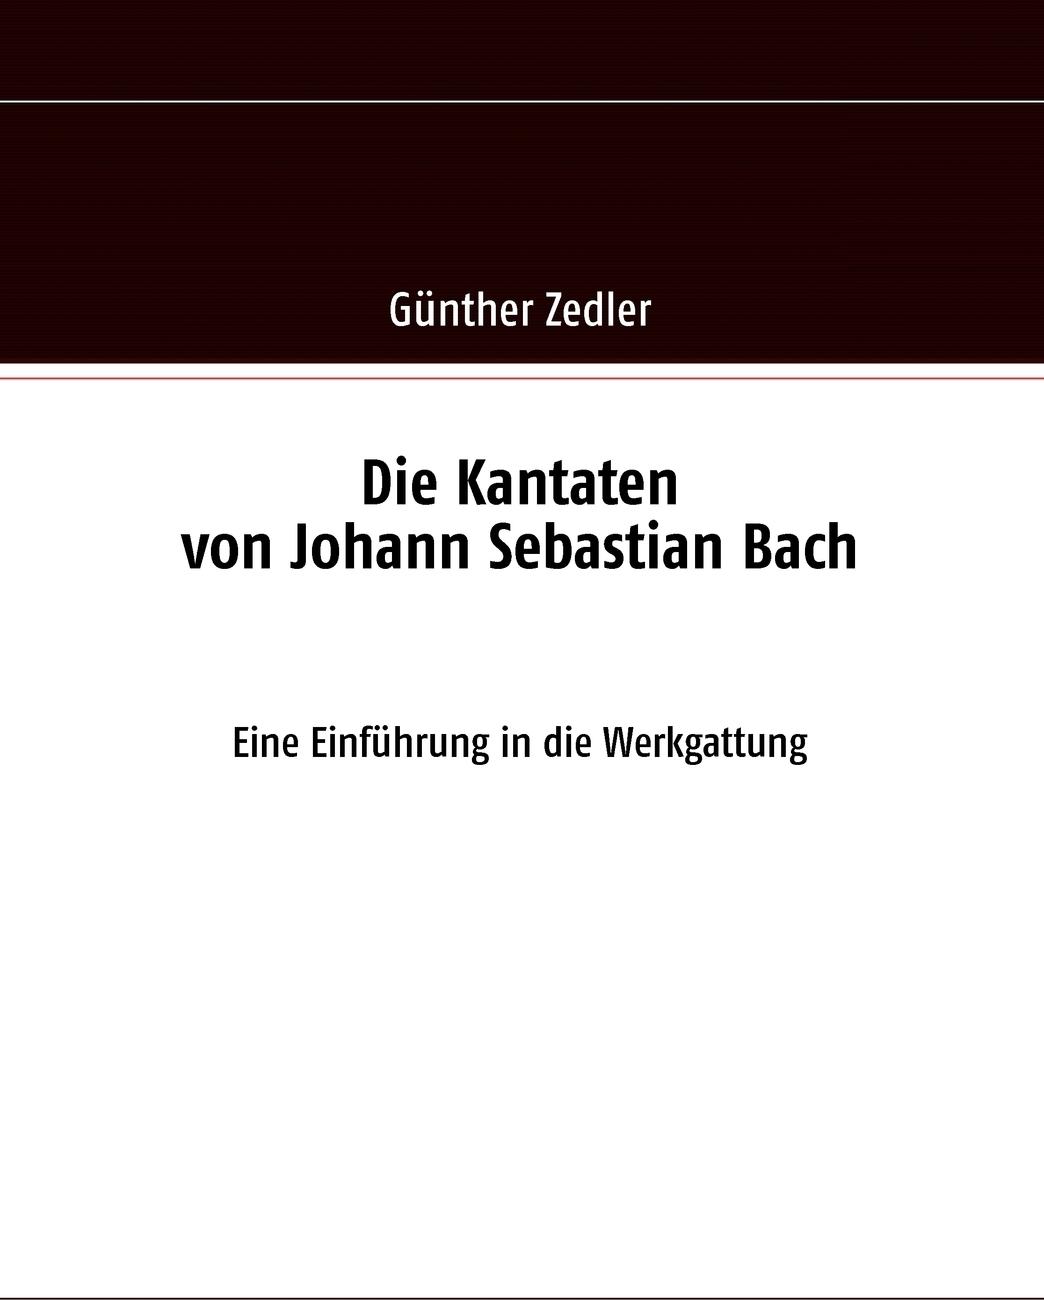 Günther Zedler. Die Kantaten von Johann Sebastian Bach